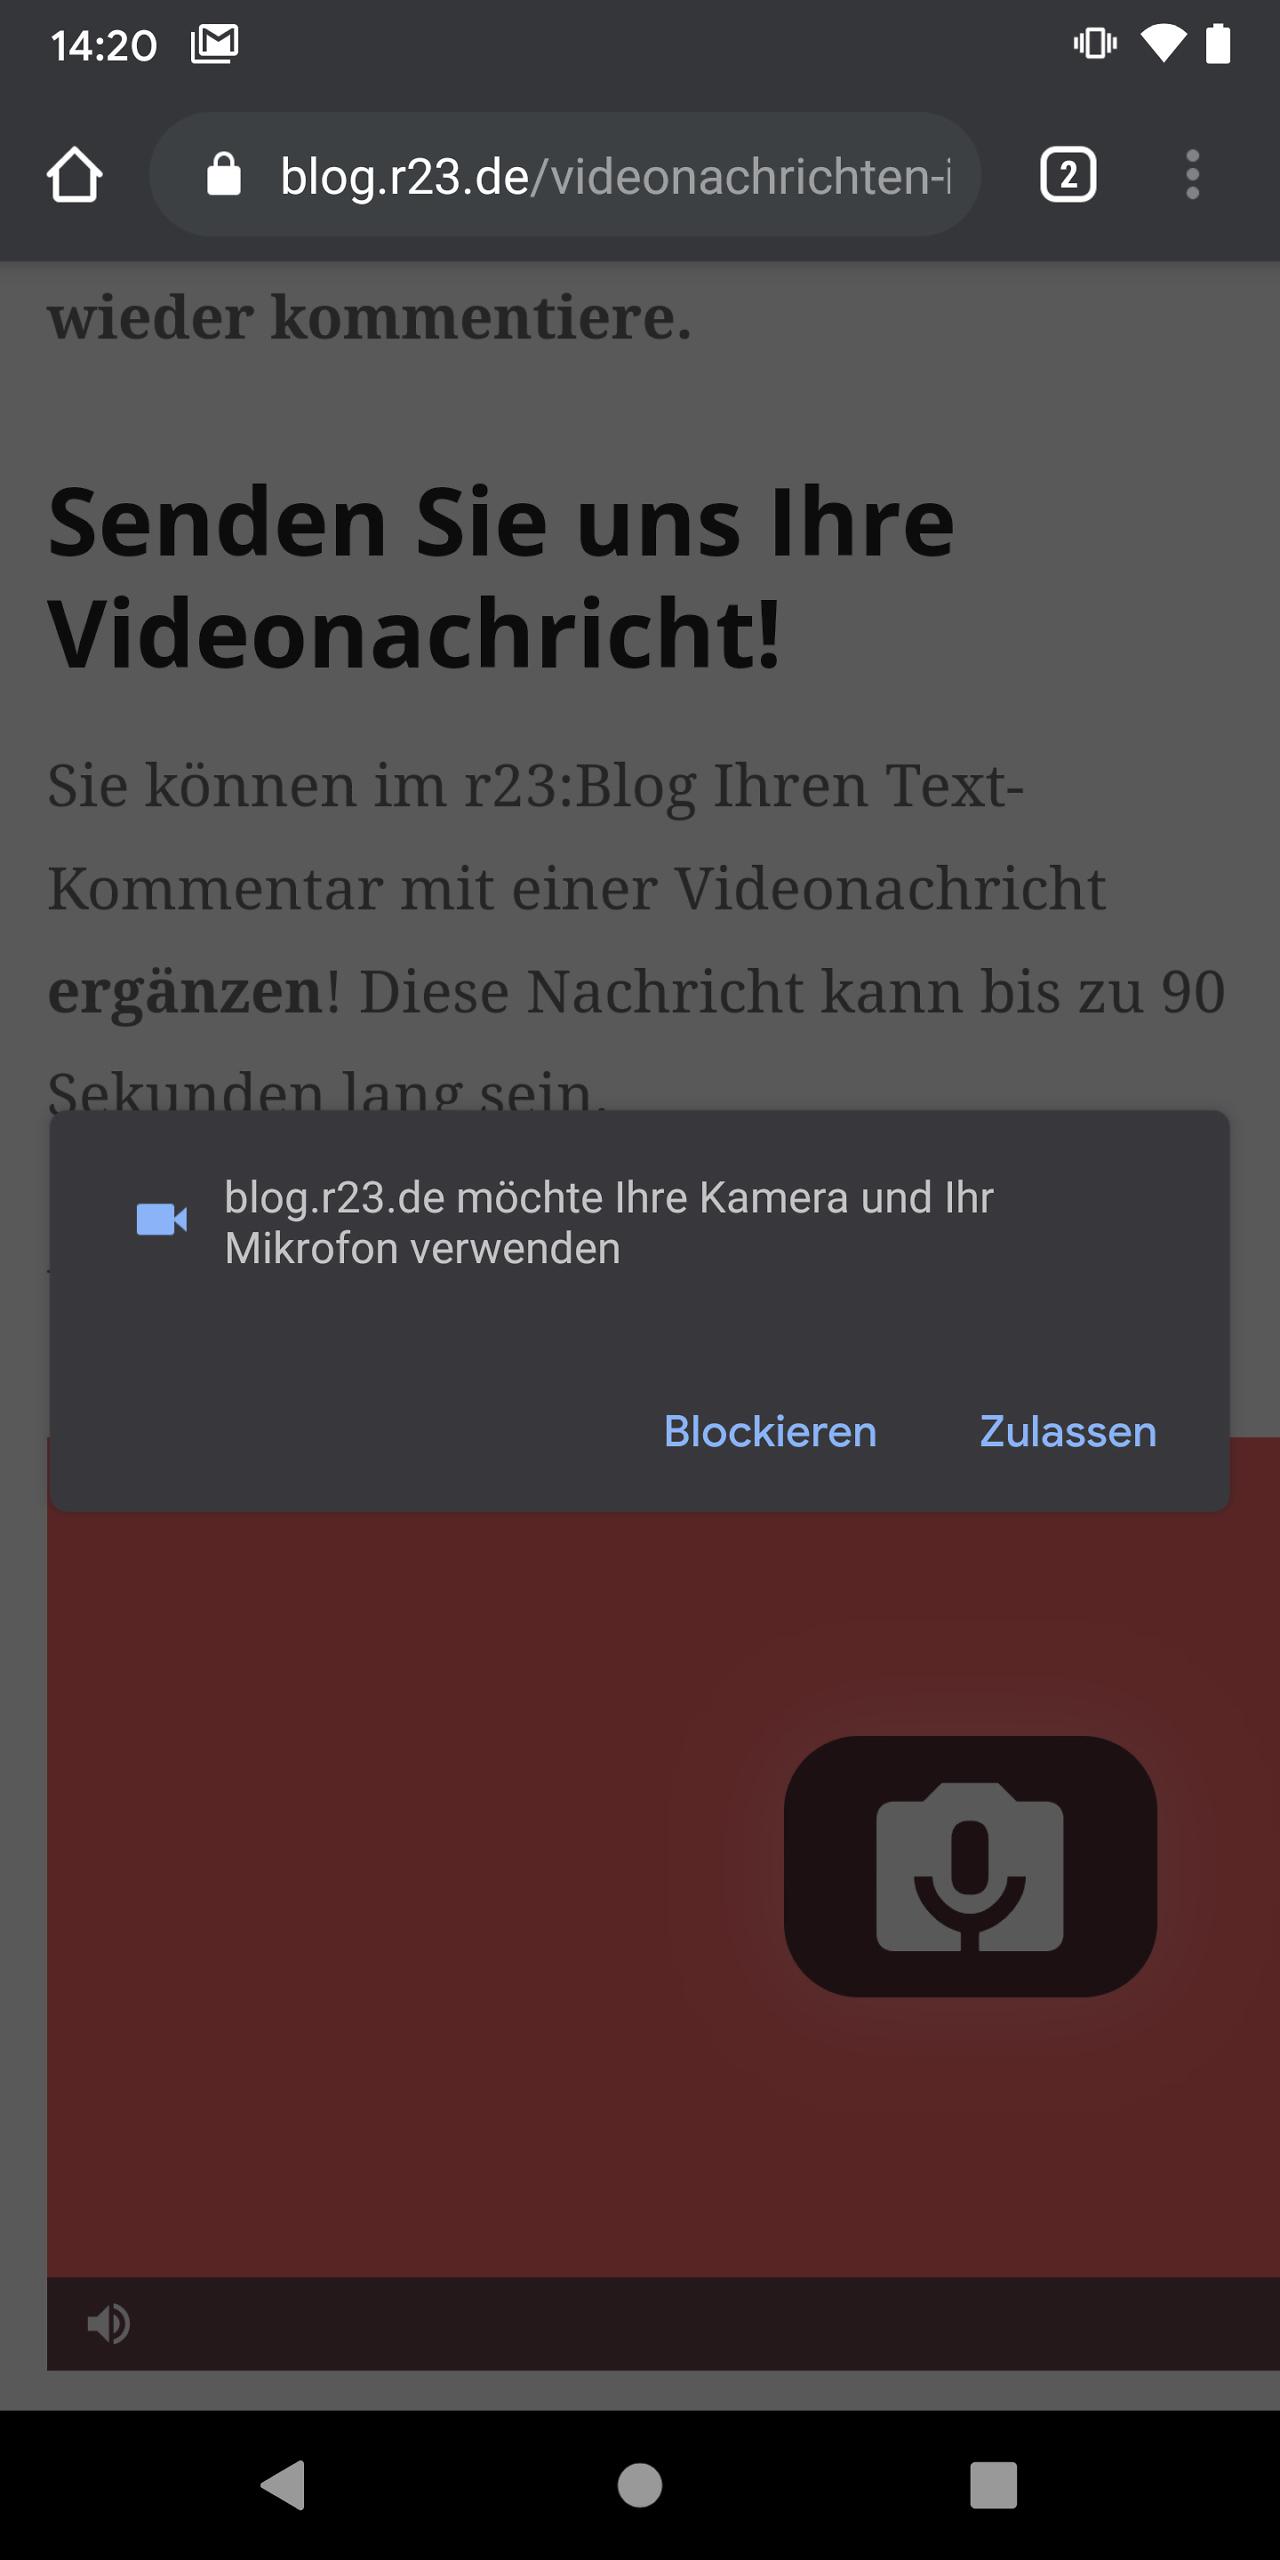 Videonachrichten